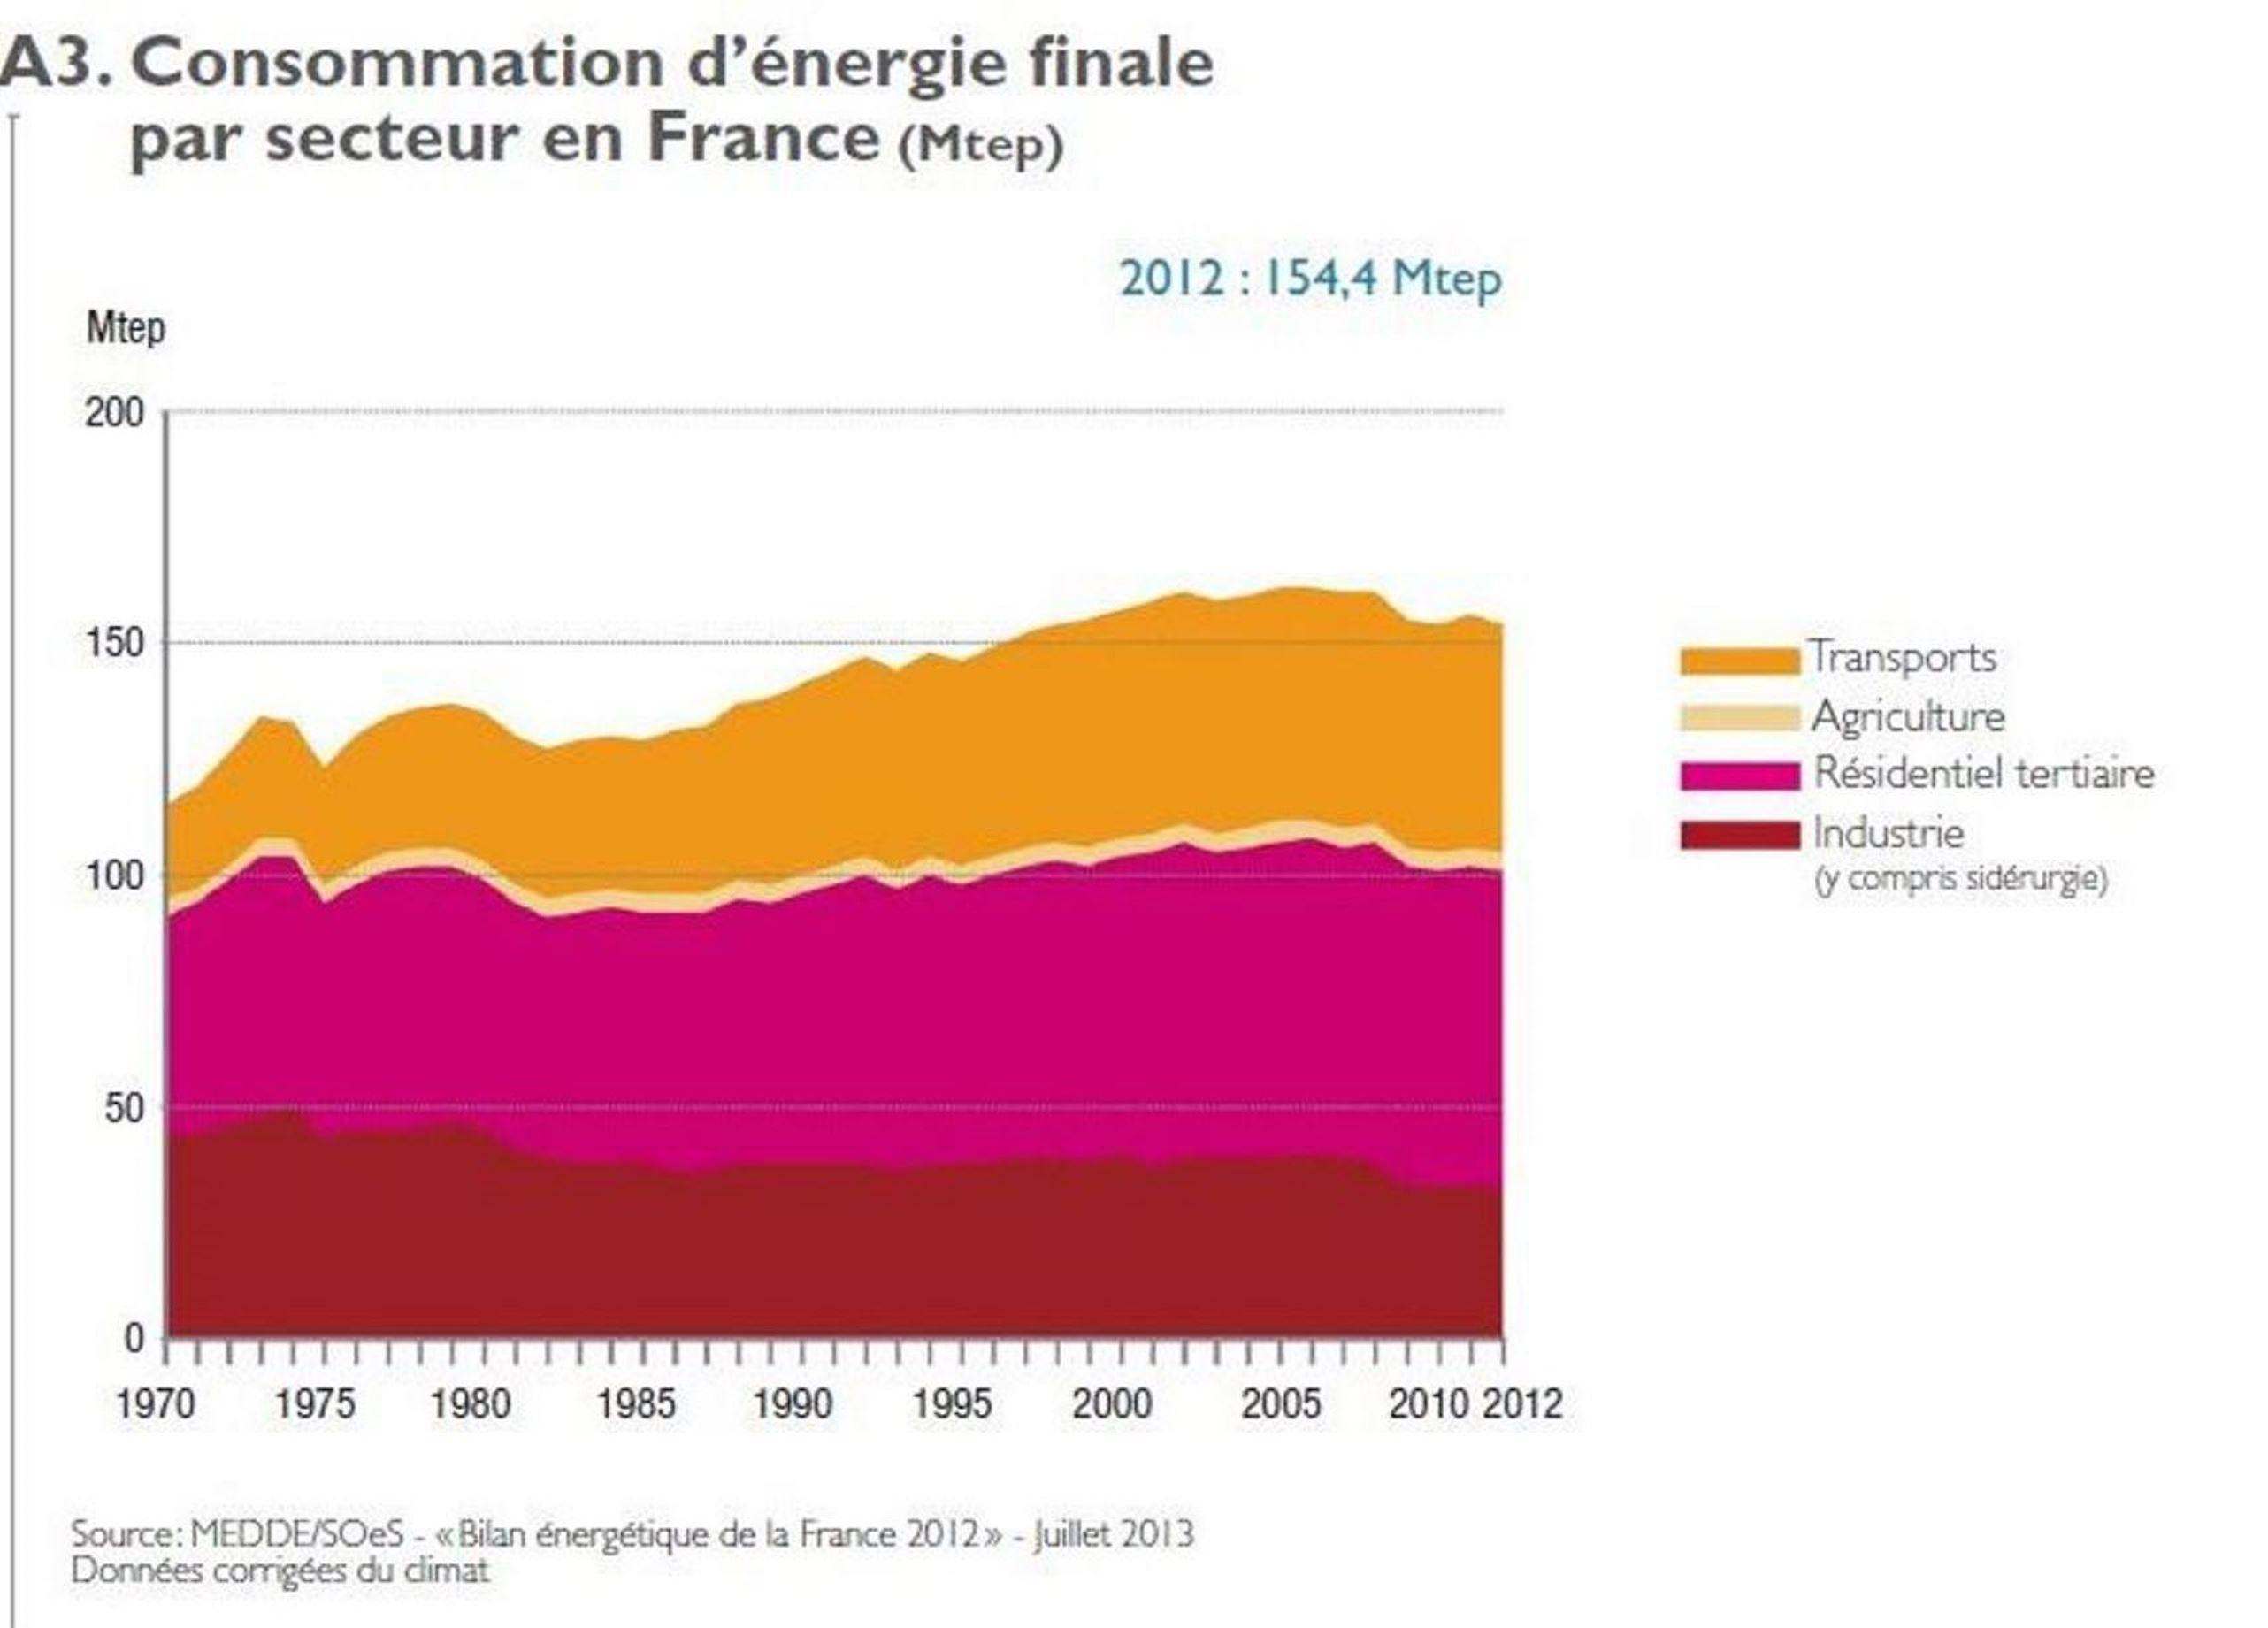 Consommation d'énergie par secteur en france